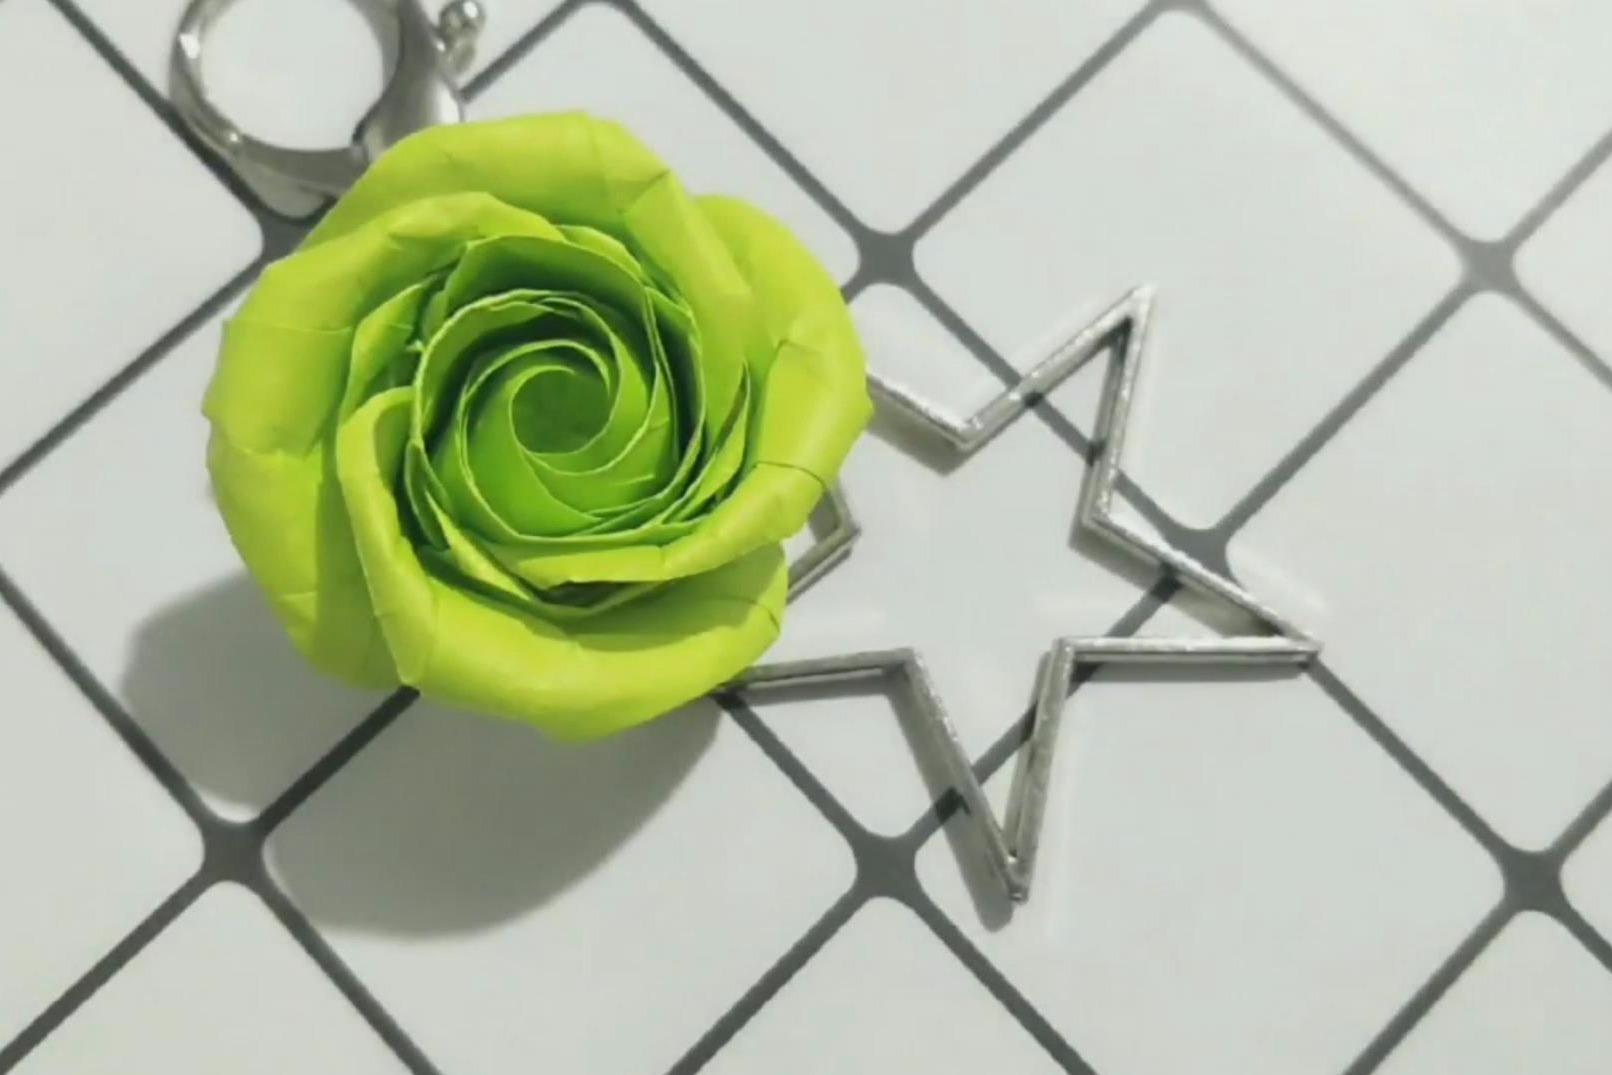 折纸玫瑰花系列教程之折纸玫瑰花,diy手工制作达人必备